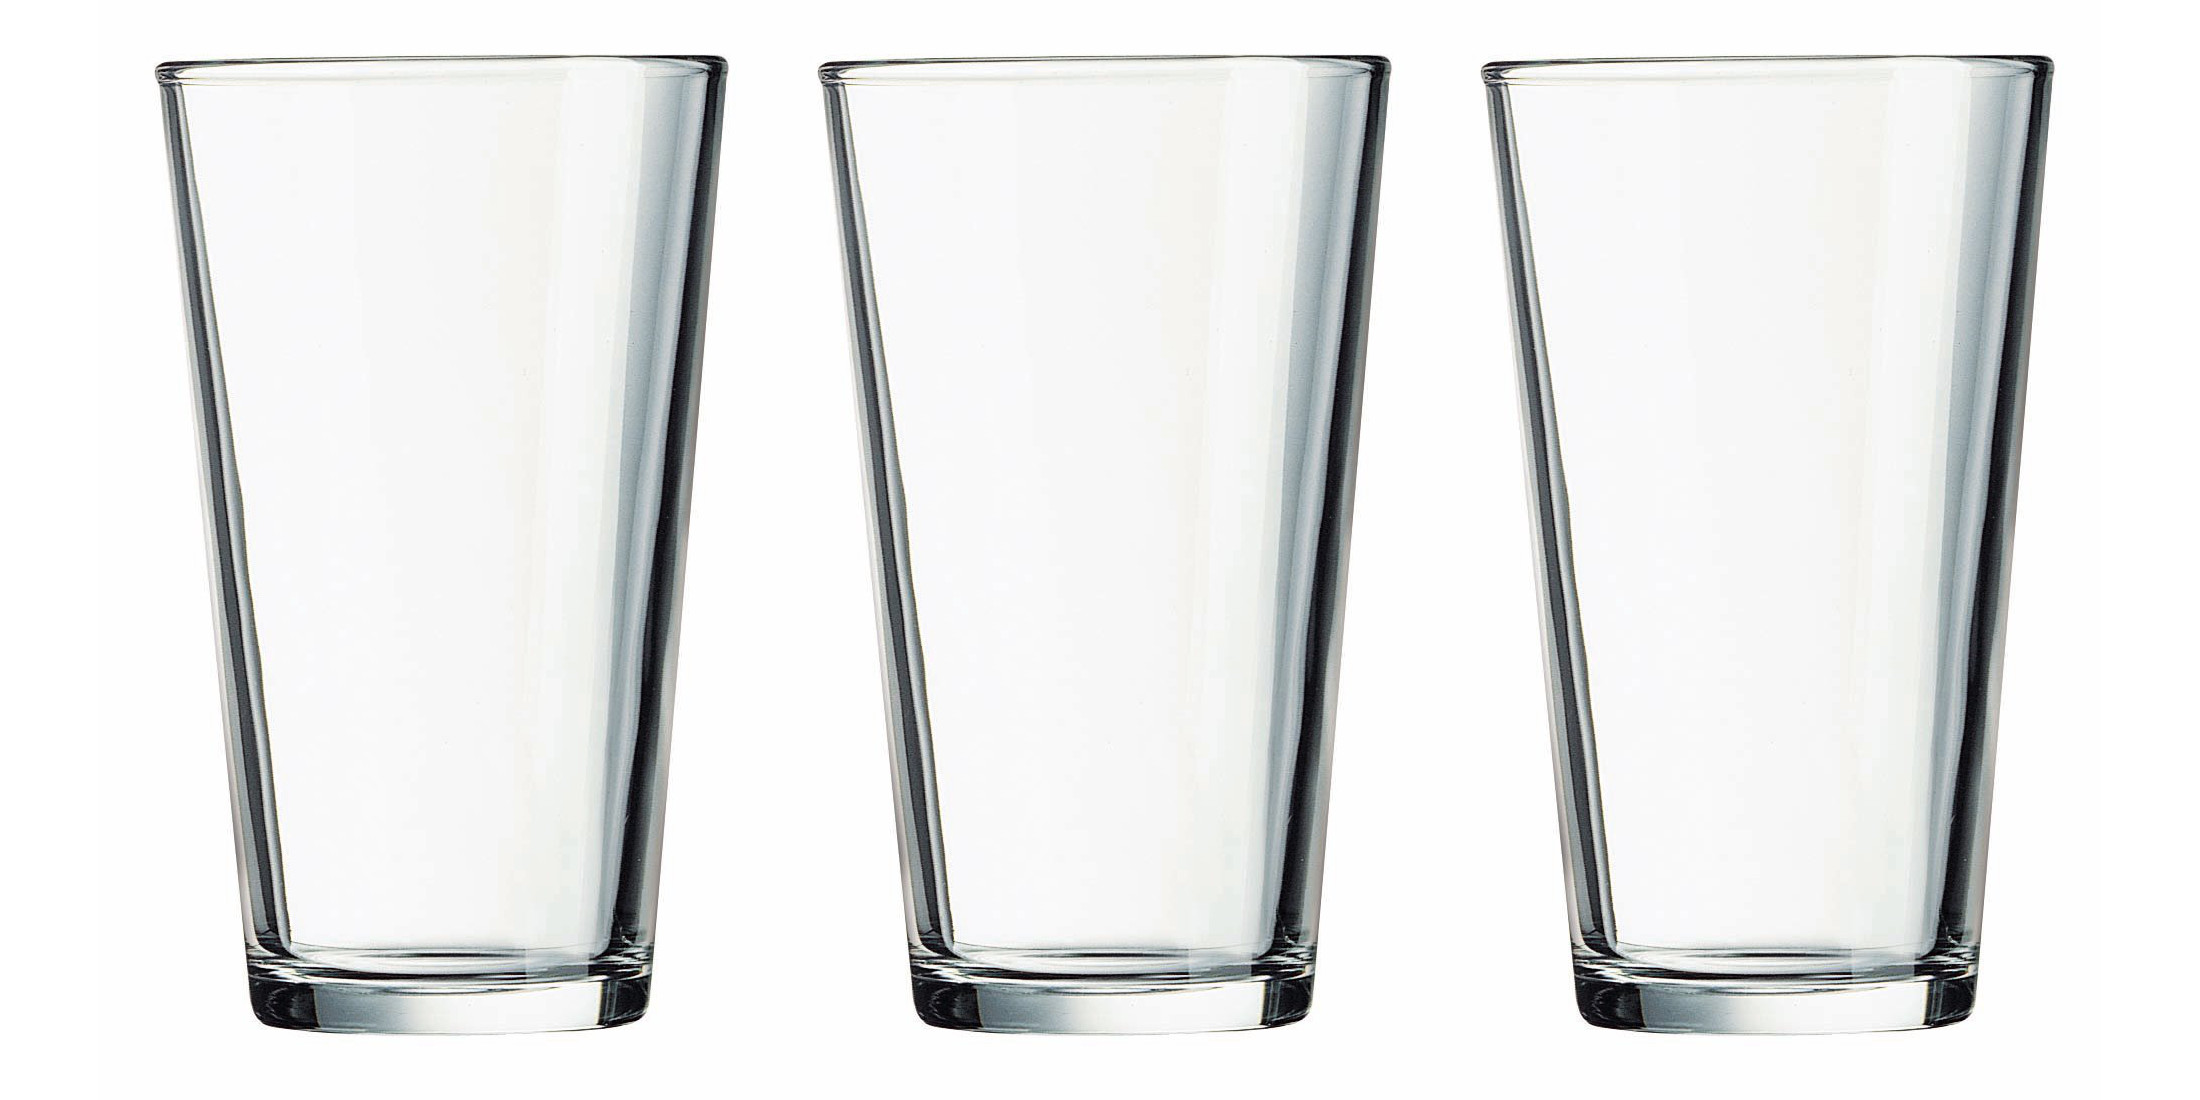 pub-glasses-arc-amazon-sale